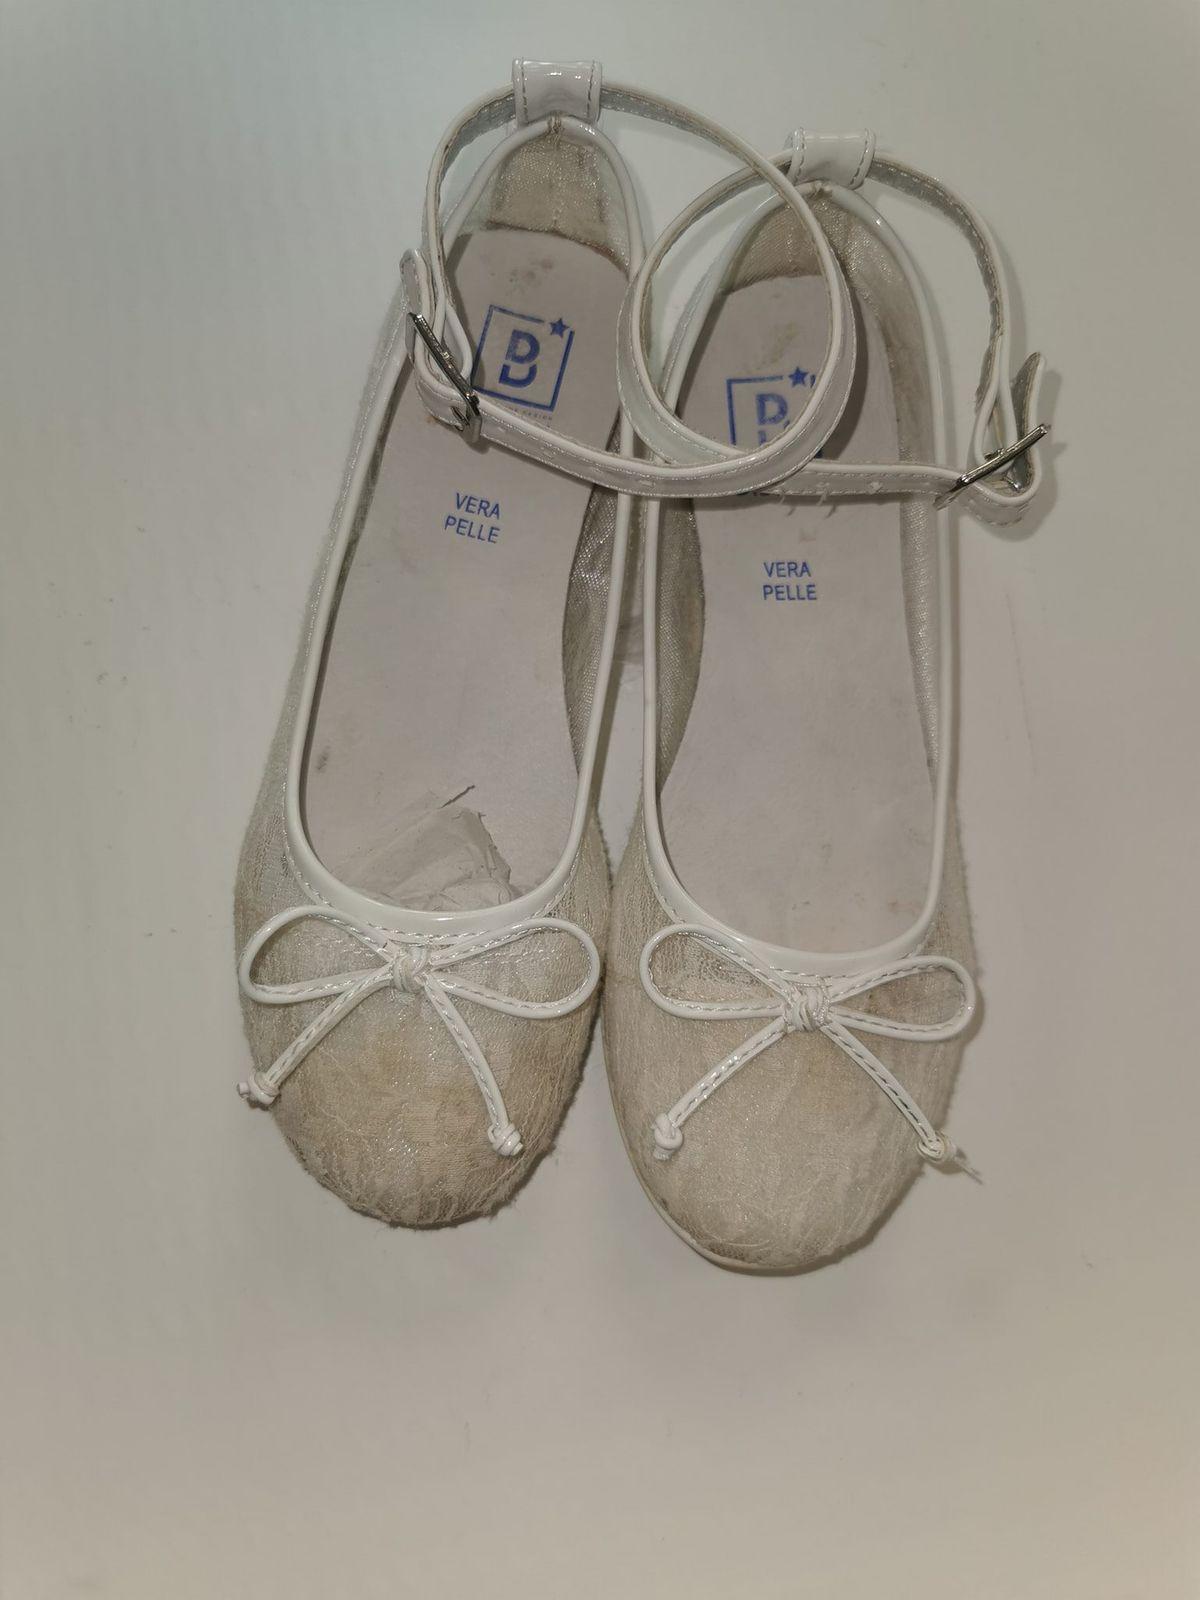 N 32      13032 Didiblu Ballerine € 15,00